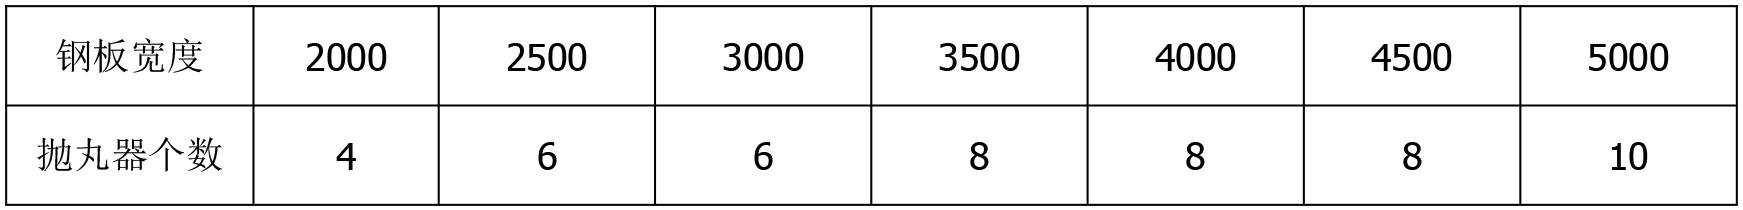 <m met-id=8 met-table=product met-field=keywords></m>